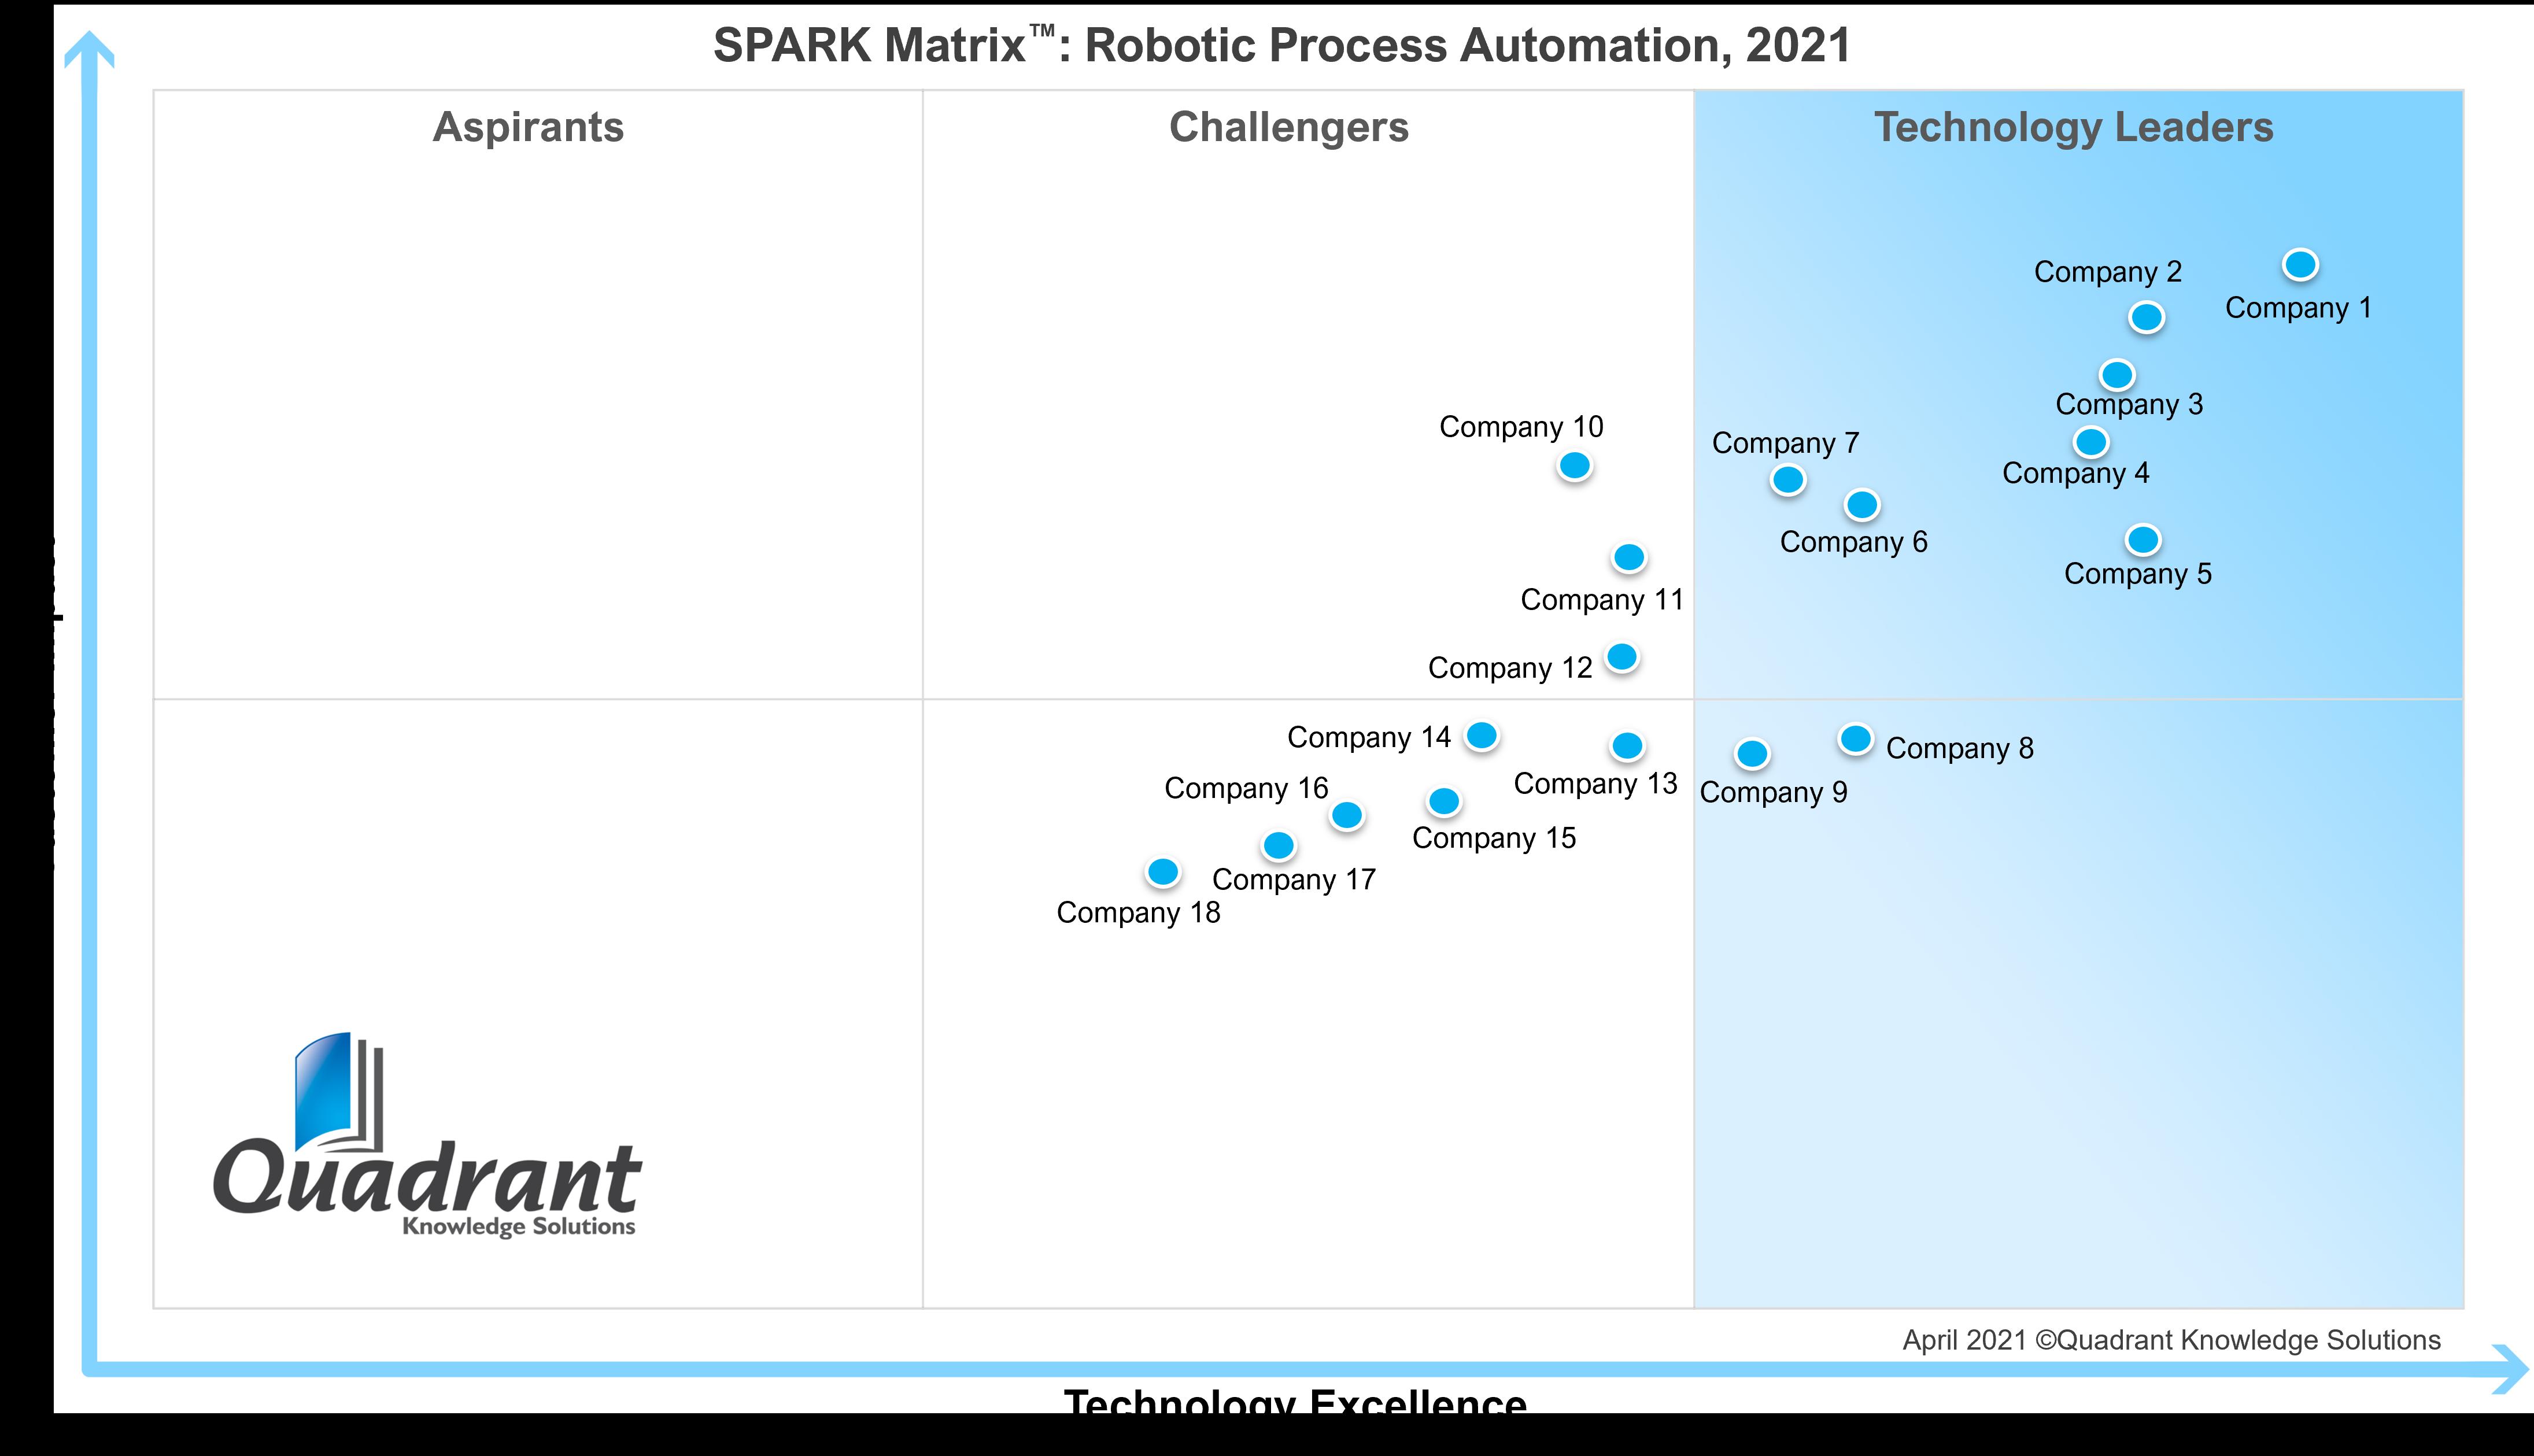 SPARK Matrix_RPA